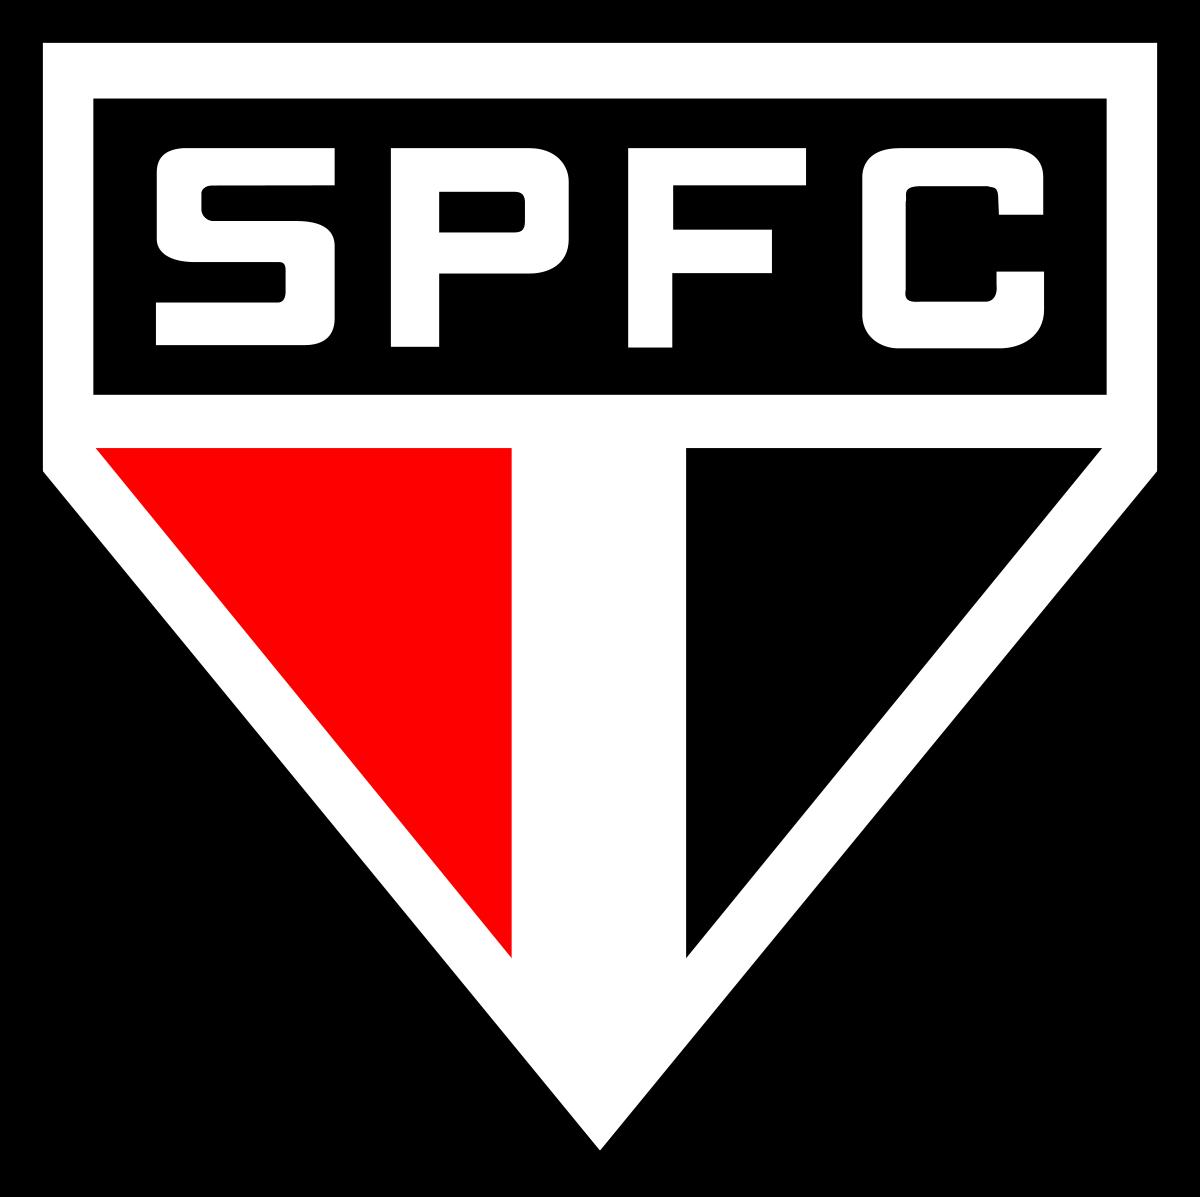 sao paulo logo escudo 2 - São Paulo FC Logo